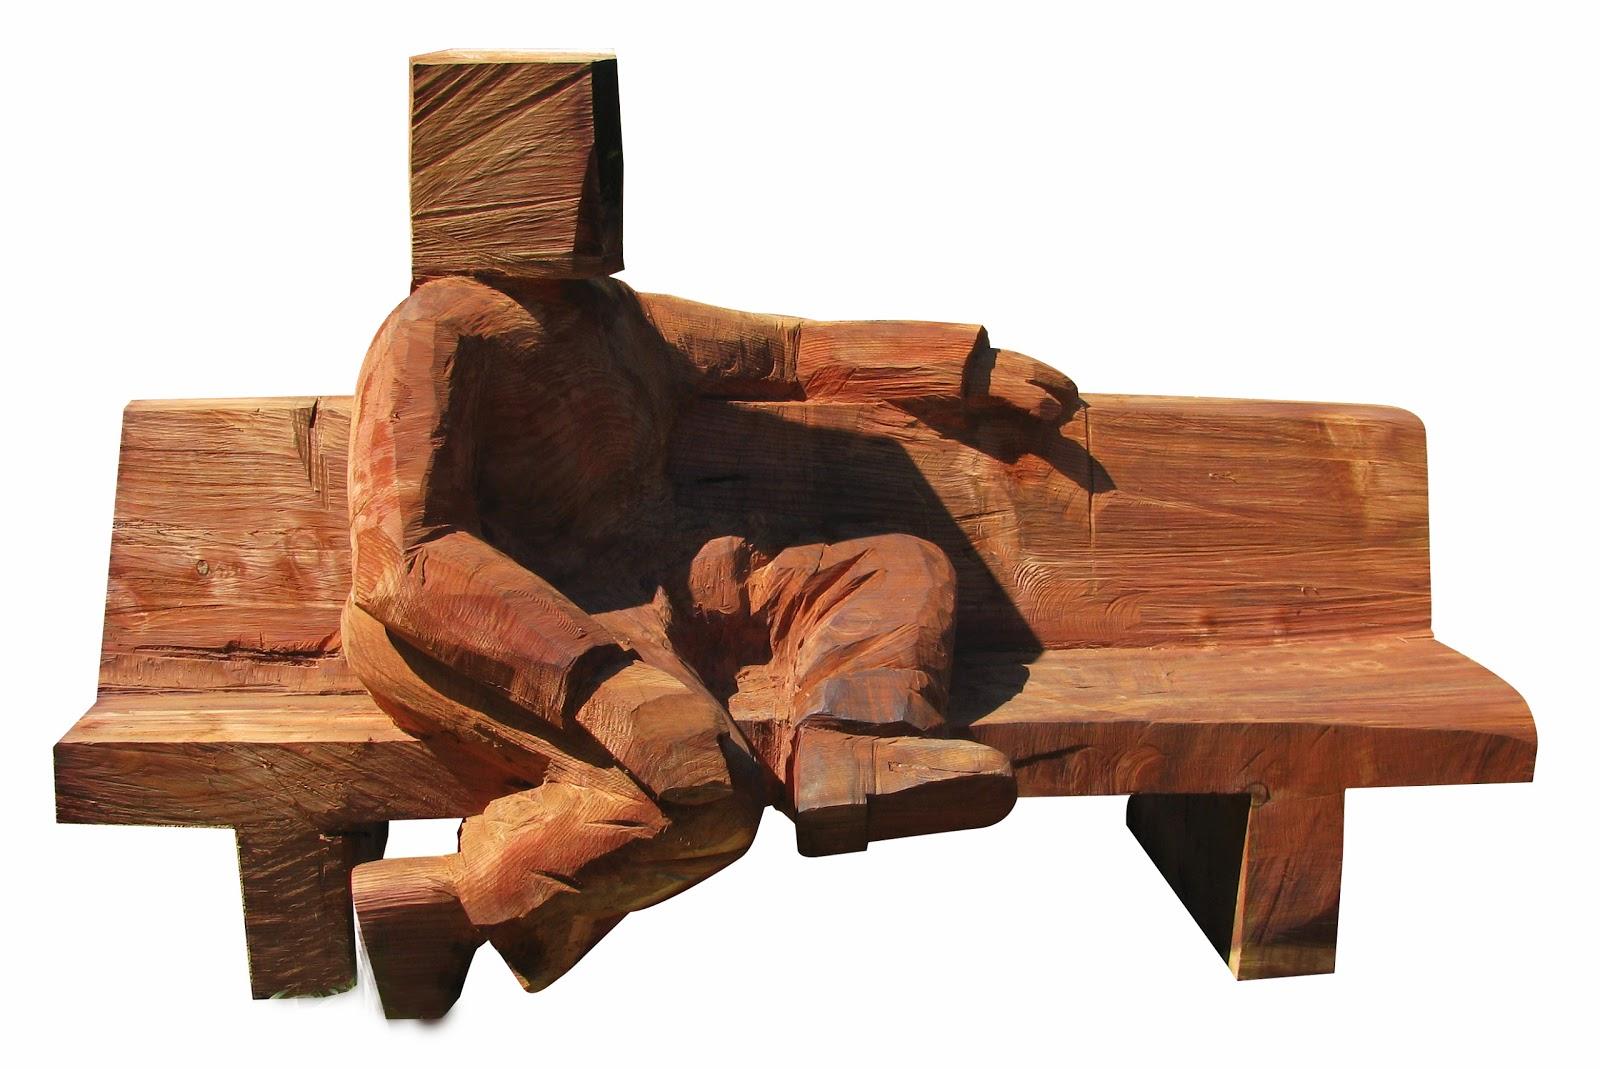 symposium de sculpture la tron onneuse foussais payr 85 les sculptures de l 39 dition 2013. Black Bedroom Furniture Sets. Home Design Ideas